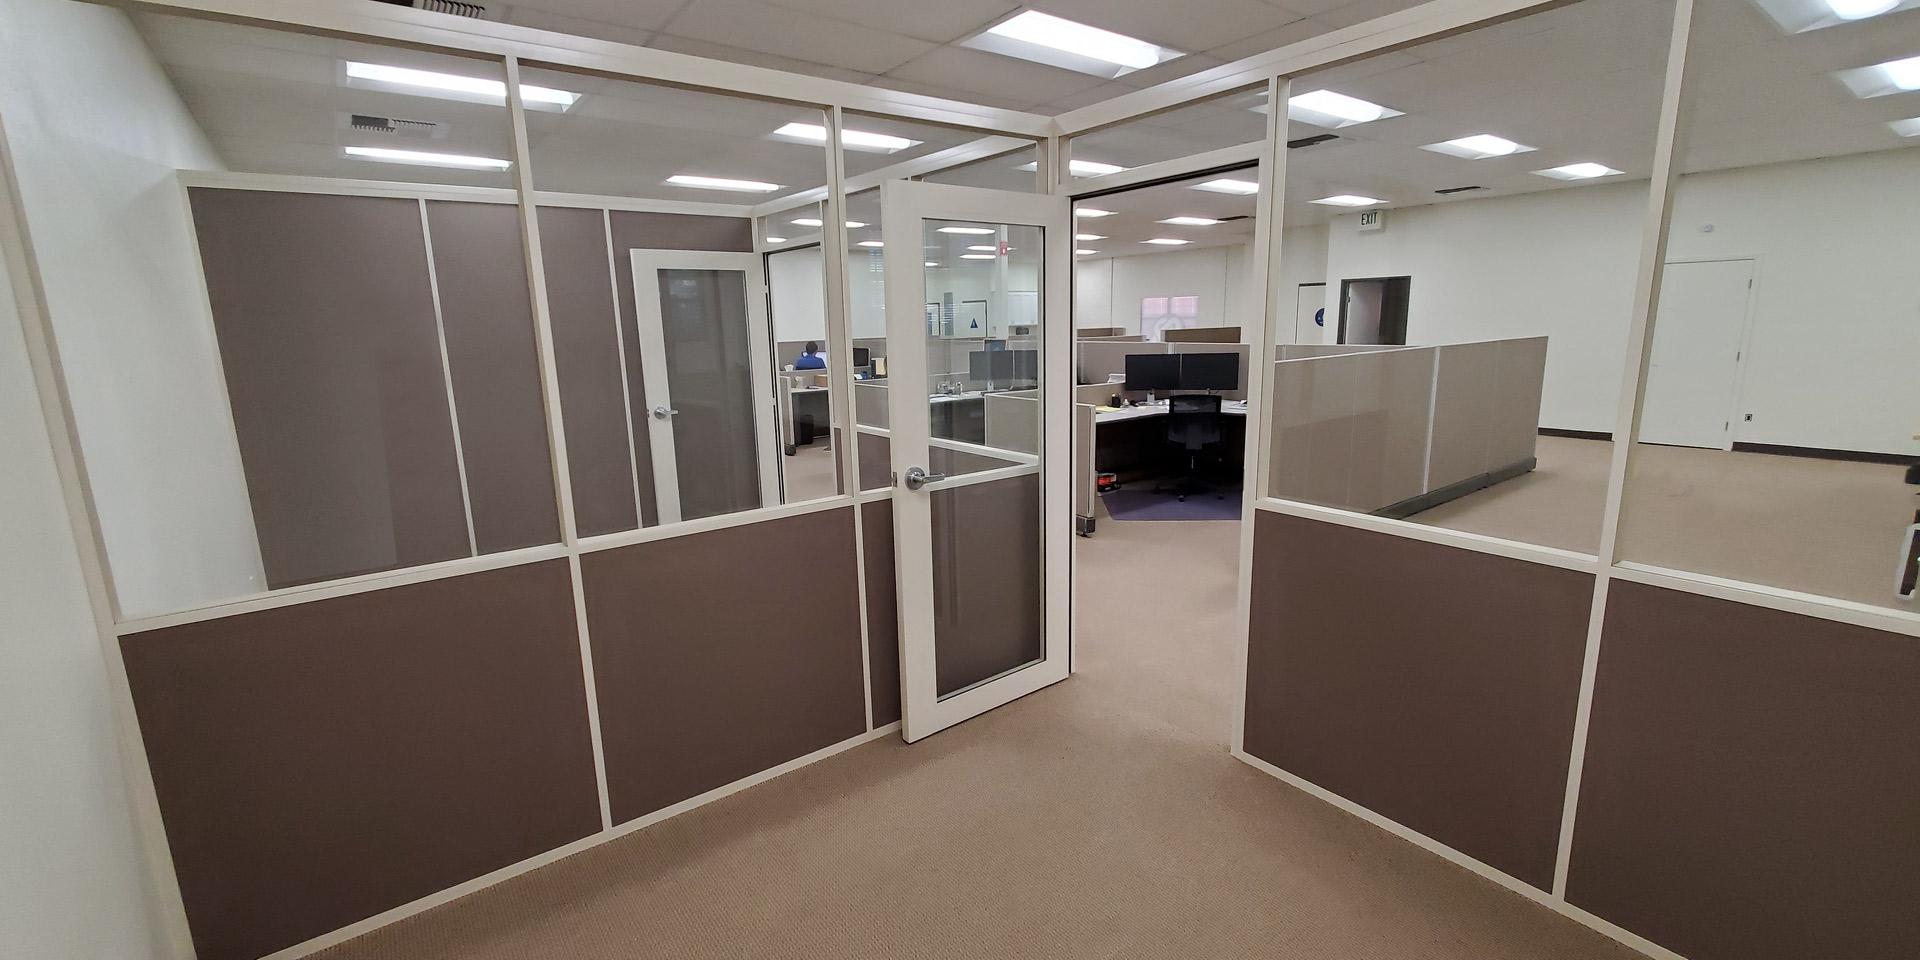 NxtWall Freestanding Flex Series Demountable Fabric/Glass Wall Offices